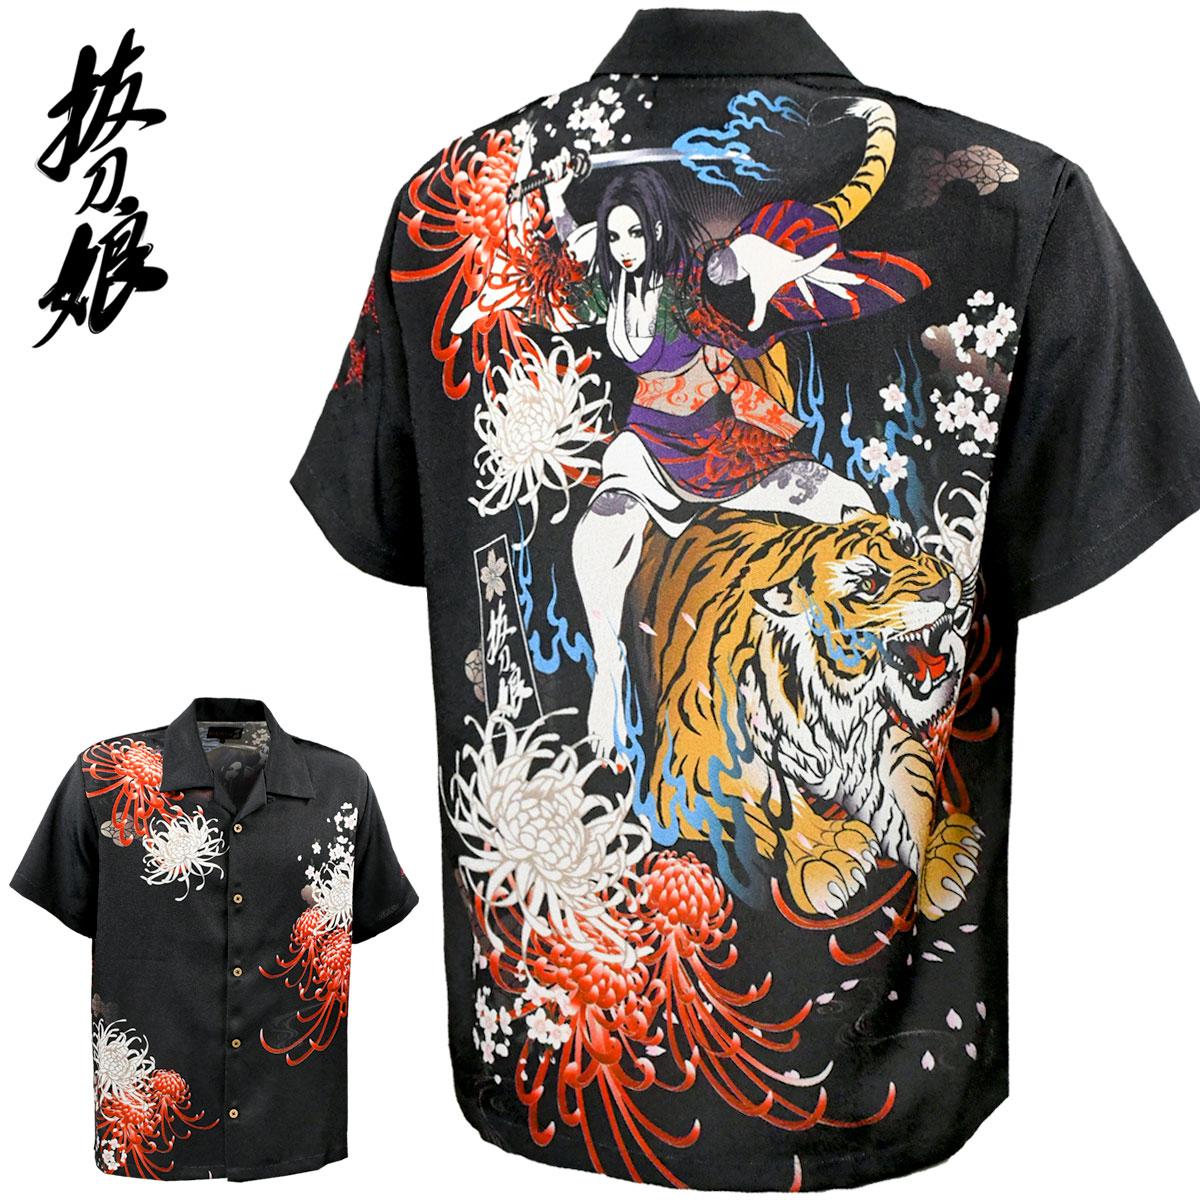 抜刀娘 ばっとうむすめ 凛 アロハシャツ 和柄 虎 蝶 刺繍 メンズ 半袖 mens(ブラック黒) 292870